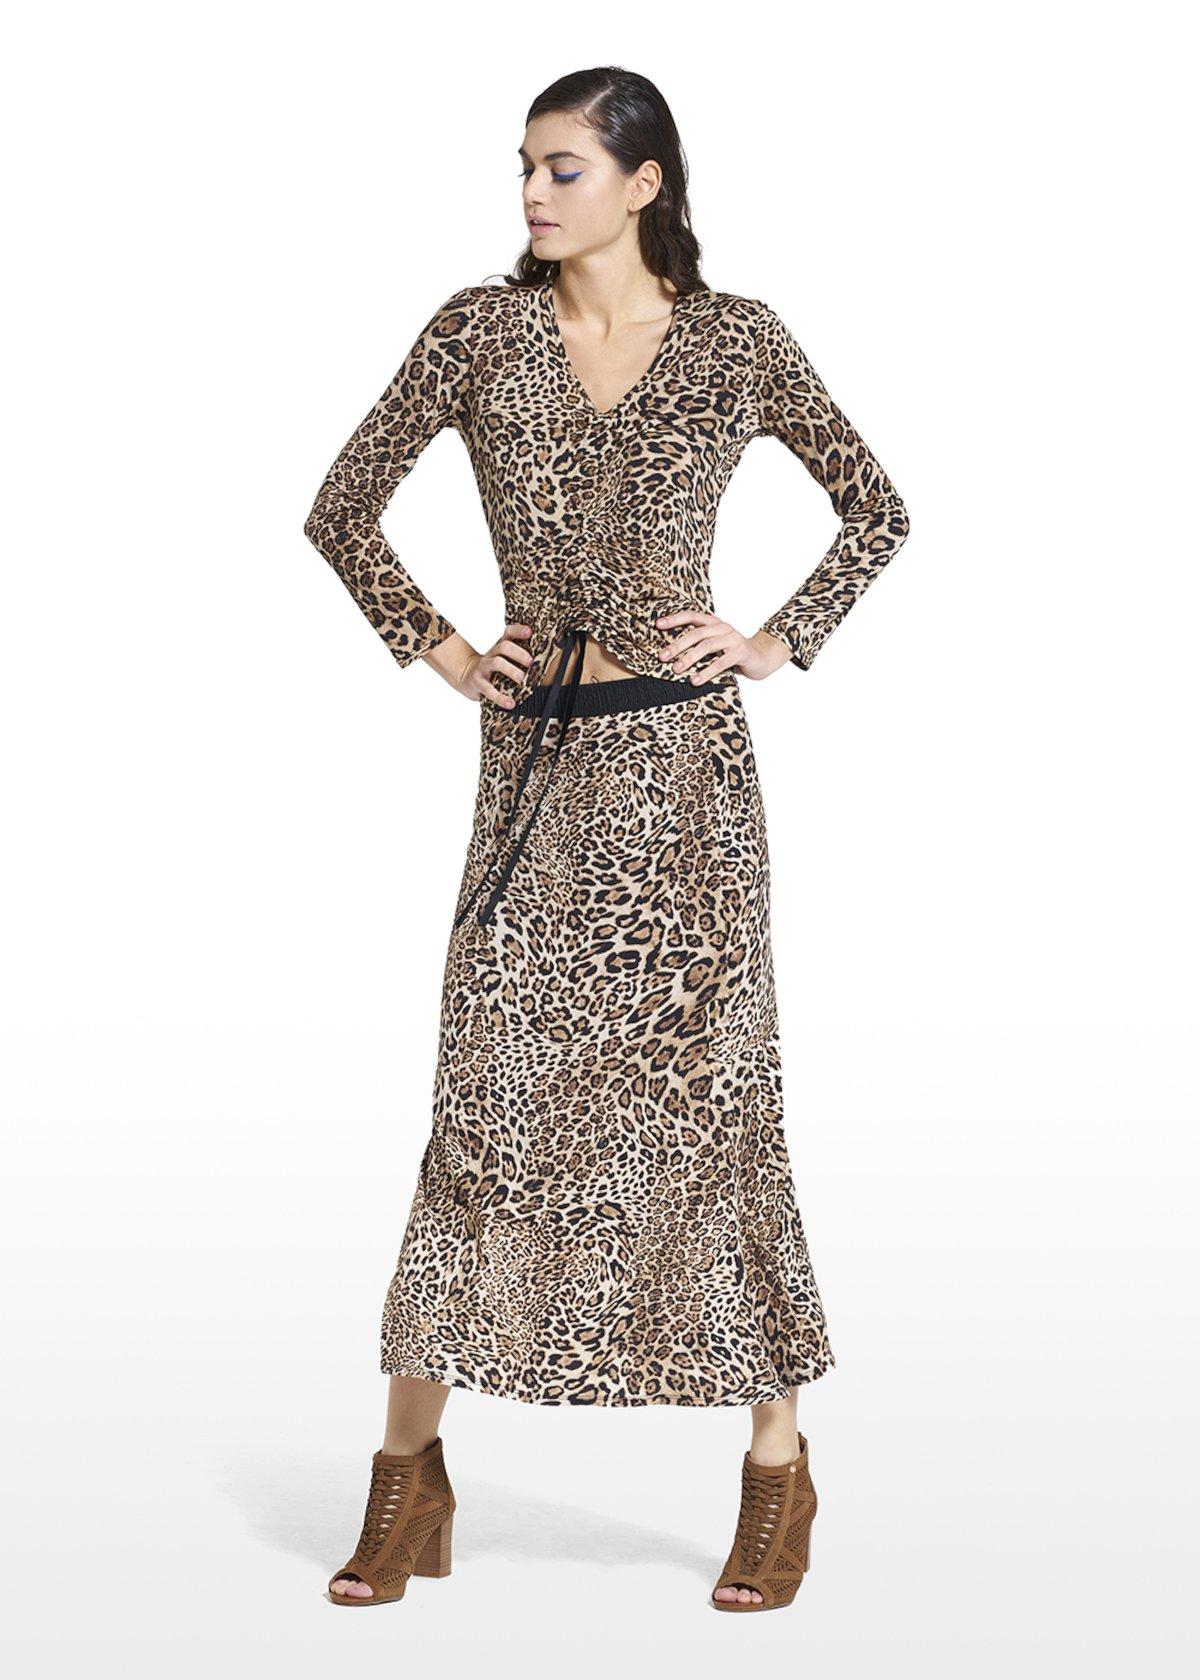 Patterned animalier skirt Gennifer - Beige / Black Animalier - Woman